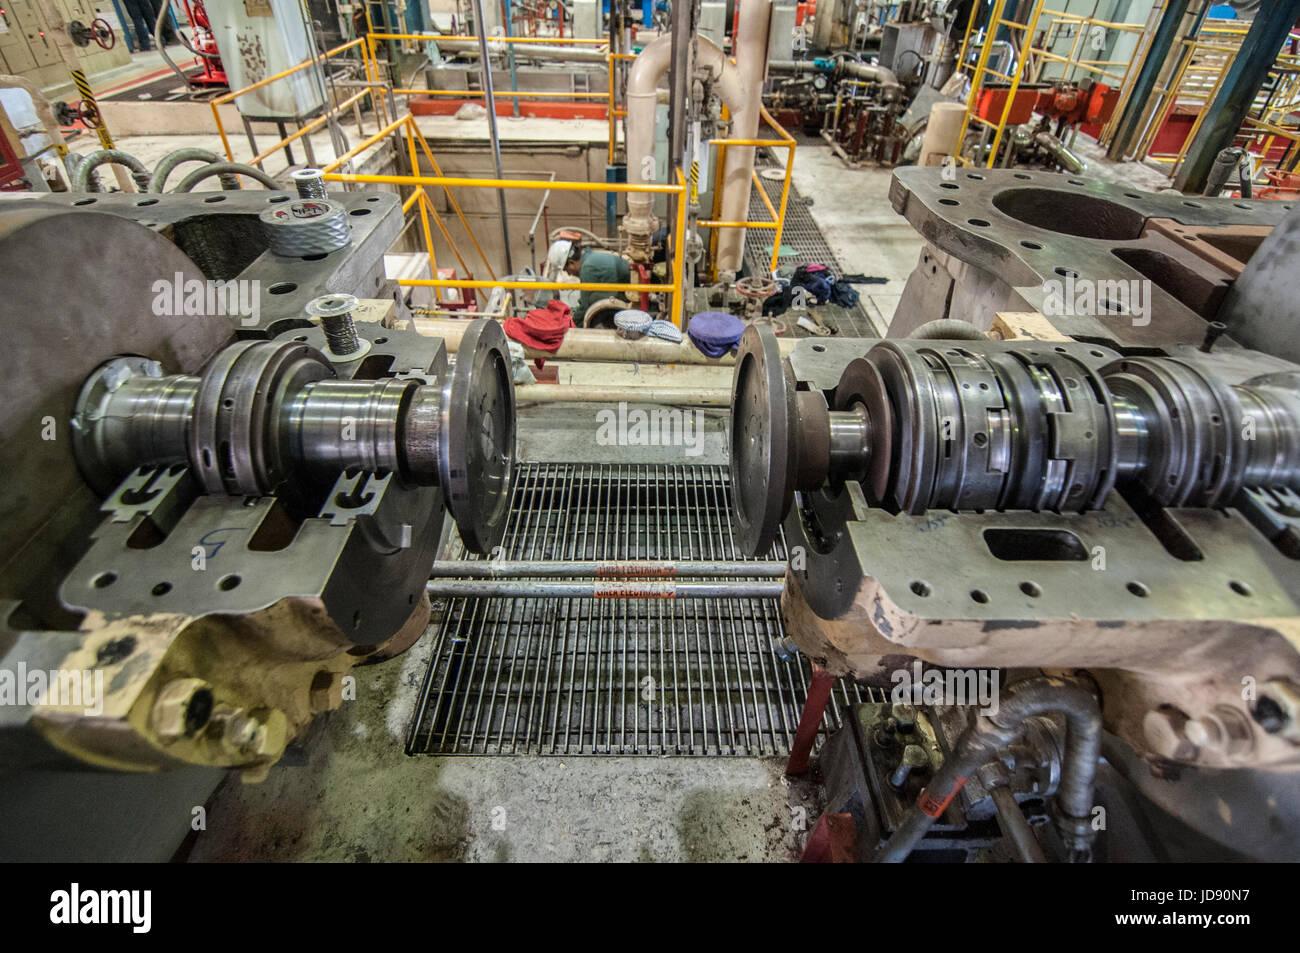 L'alignement du compresseur turbo travailler dans une centrale géothermique CERRO PRIETO, Comision Federal Photo Stock